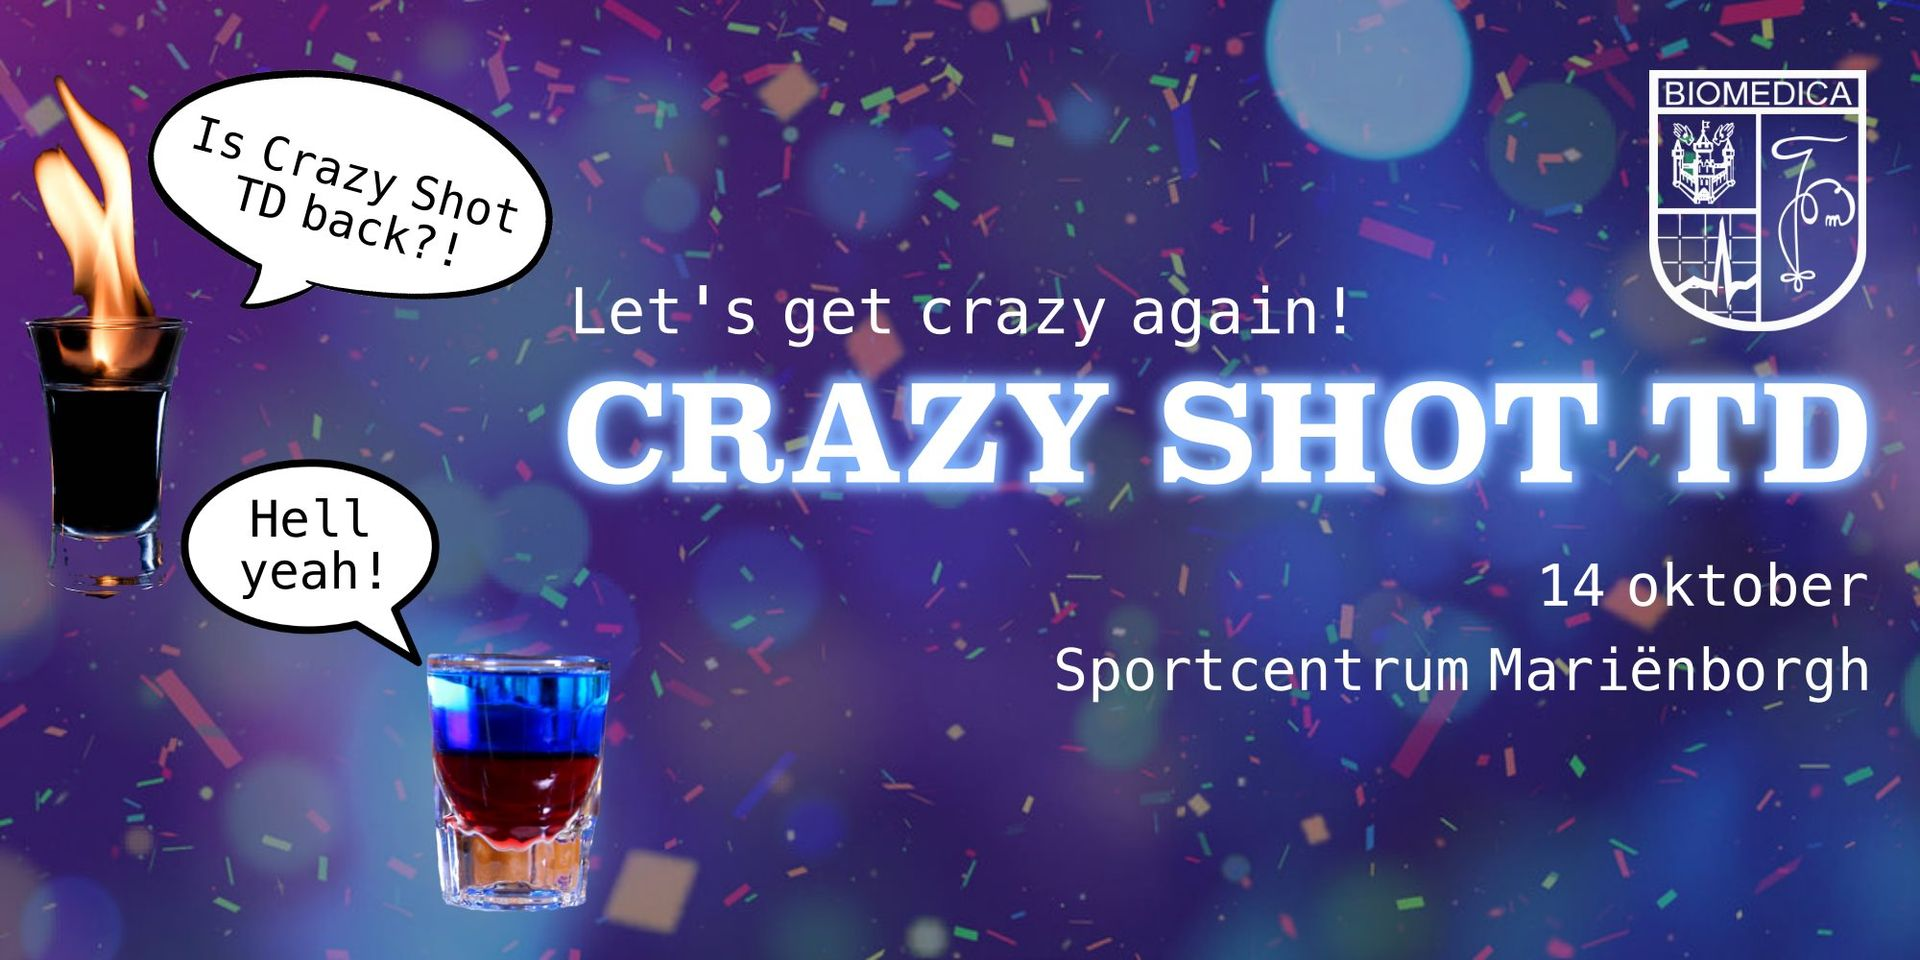 crazyshot